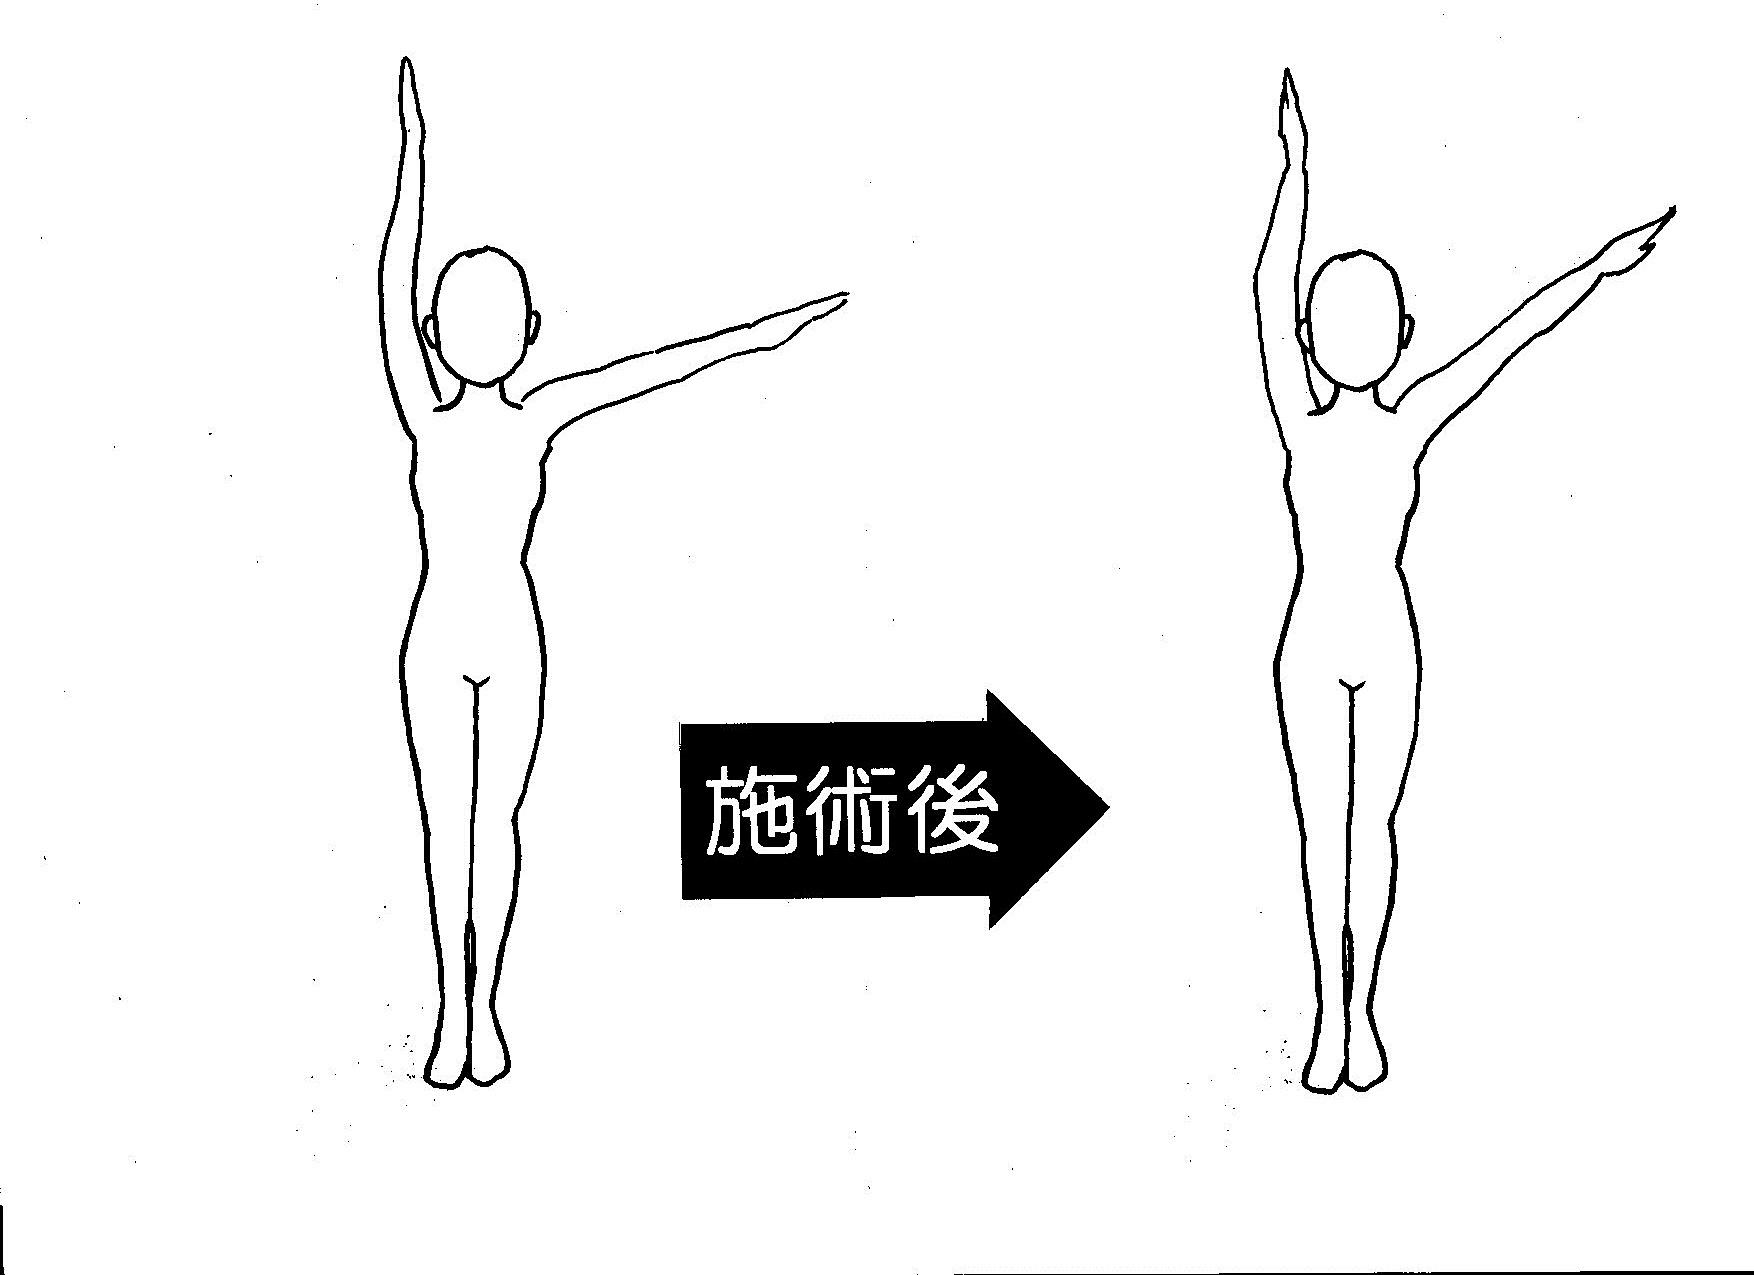 五十肩 左腕挙上の角度 4回目施術後